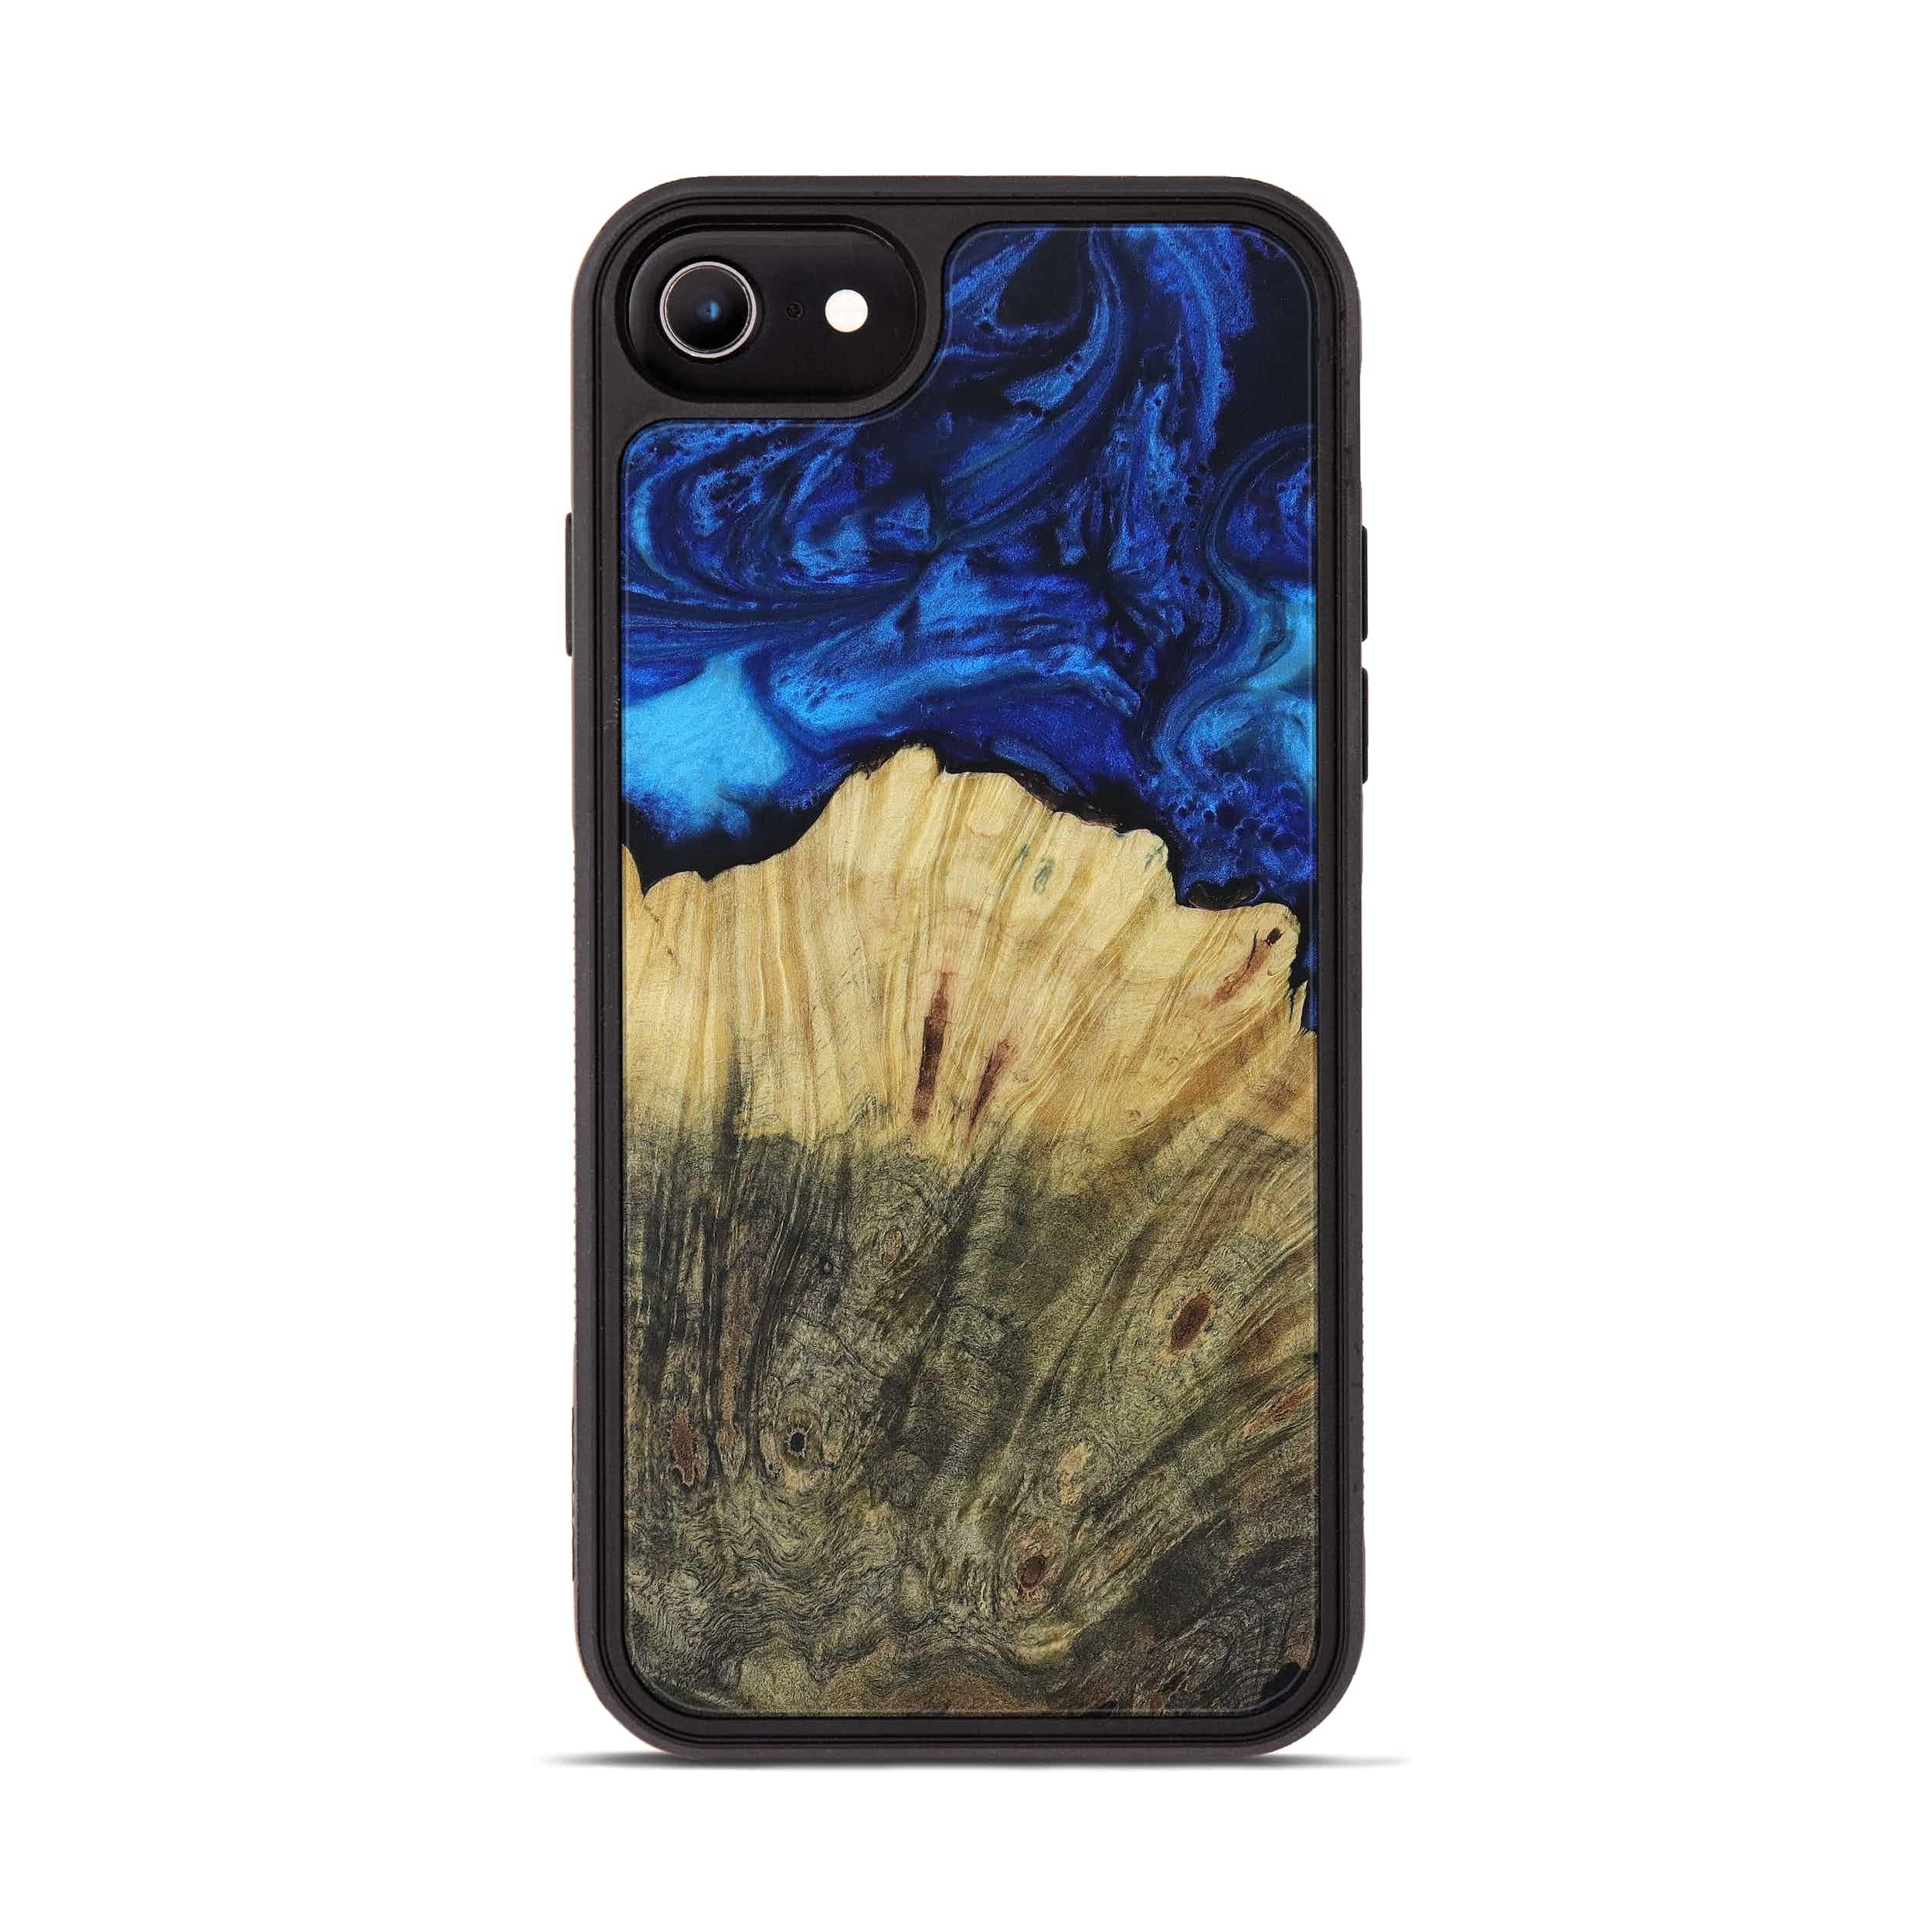 iPhone 7 Wood+Resin Phone Case - Bridie (Dark Blue, 399834)